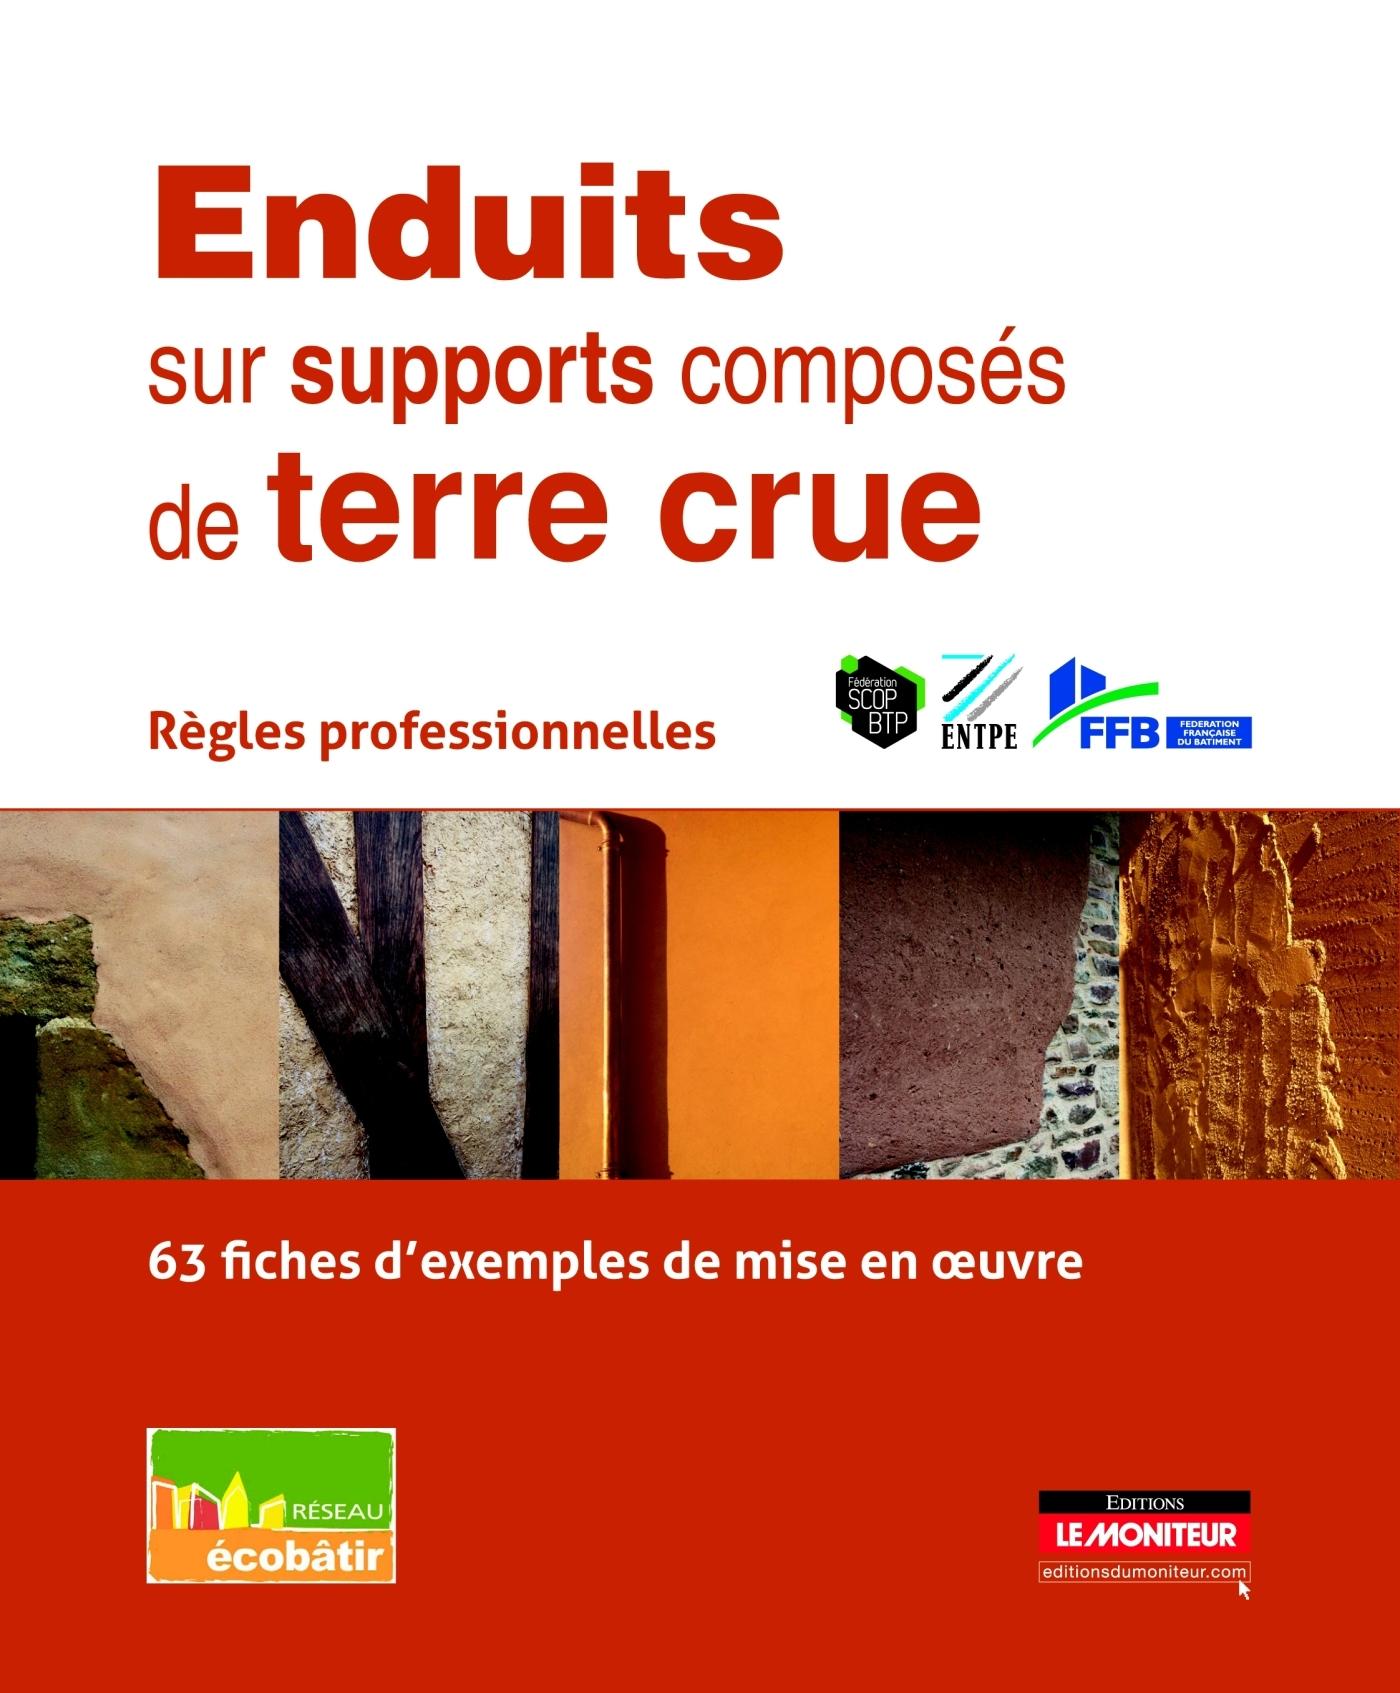 ENDUITS SUR SUPPORTS COMPOSES DE TERRE CRUE